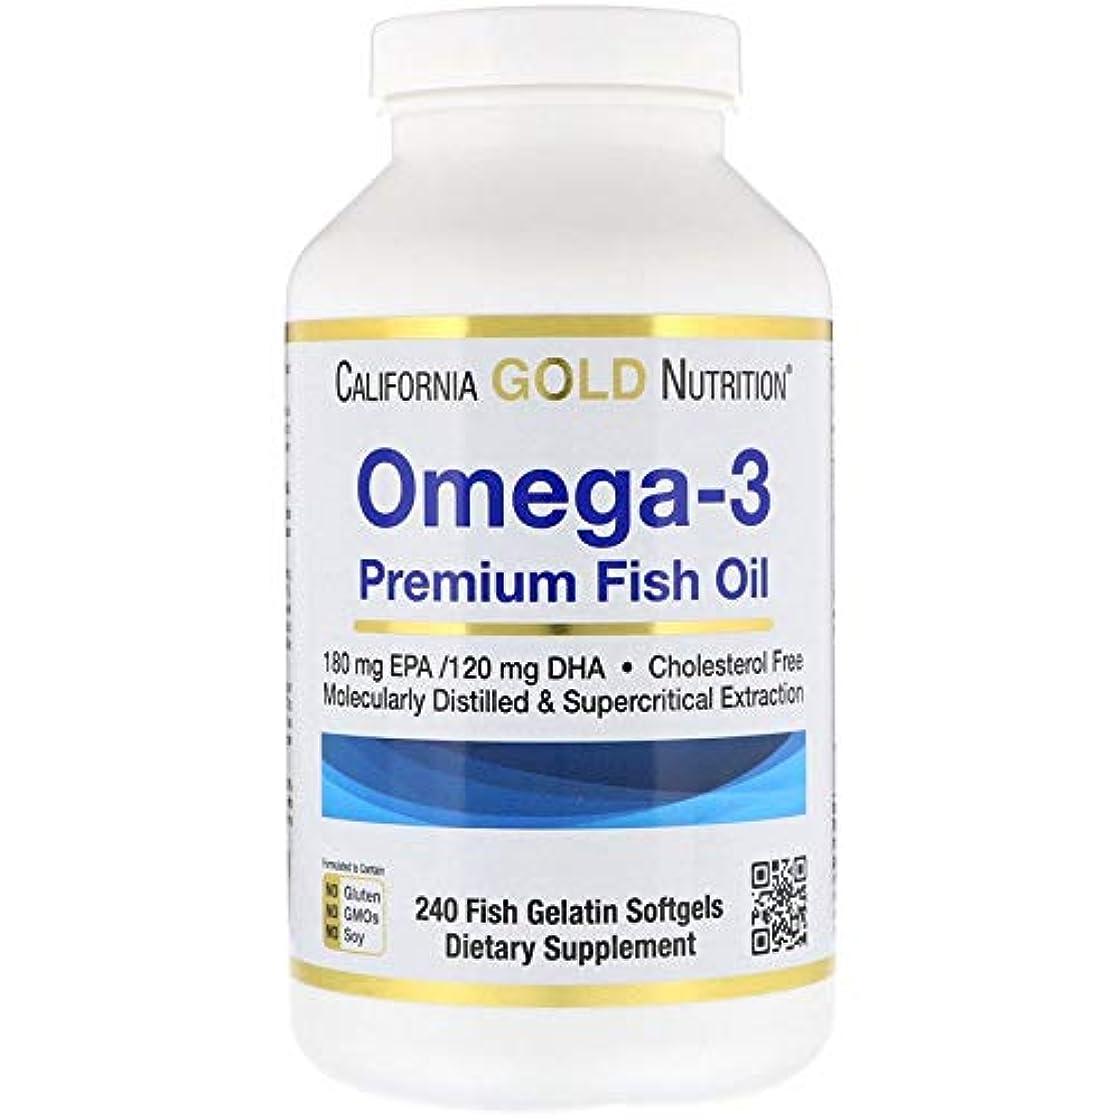 恐怖診断するバクテリアCalifornia Gold Nutrition Omega-3 Premium オメガ3 フィッシュオイル お買い得 240粒 X 3 パックFish Gelatin Softgels [並行輸入品] FjgH